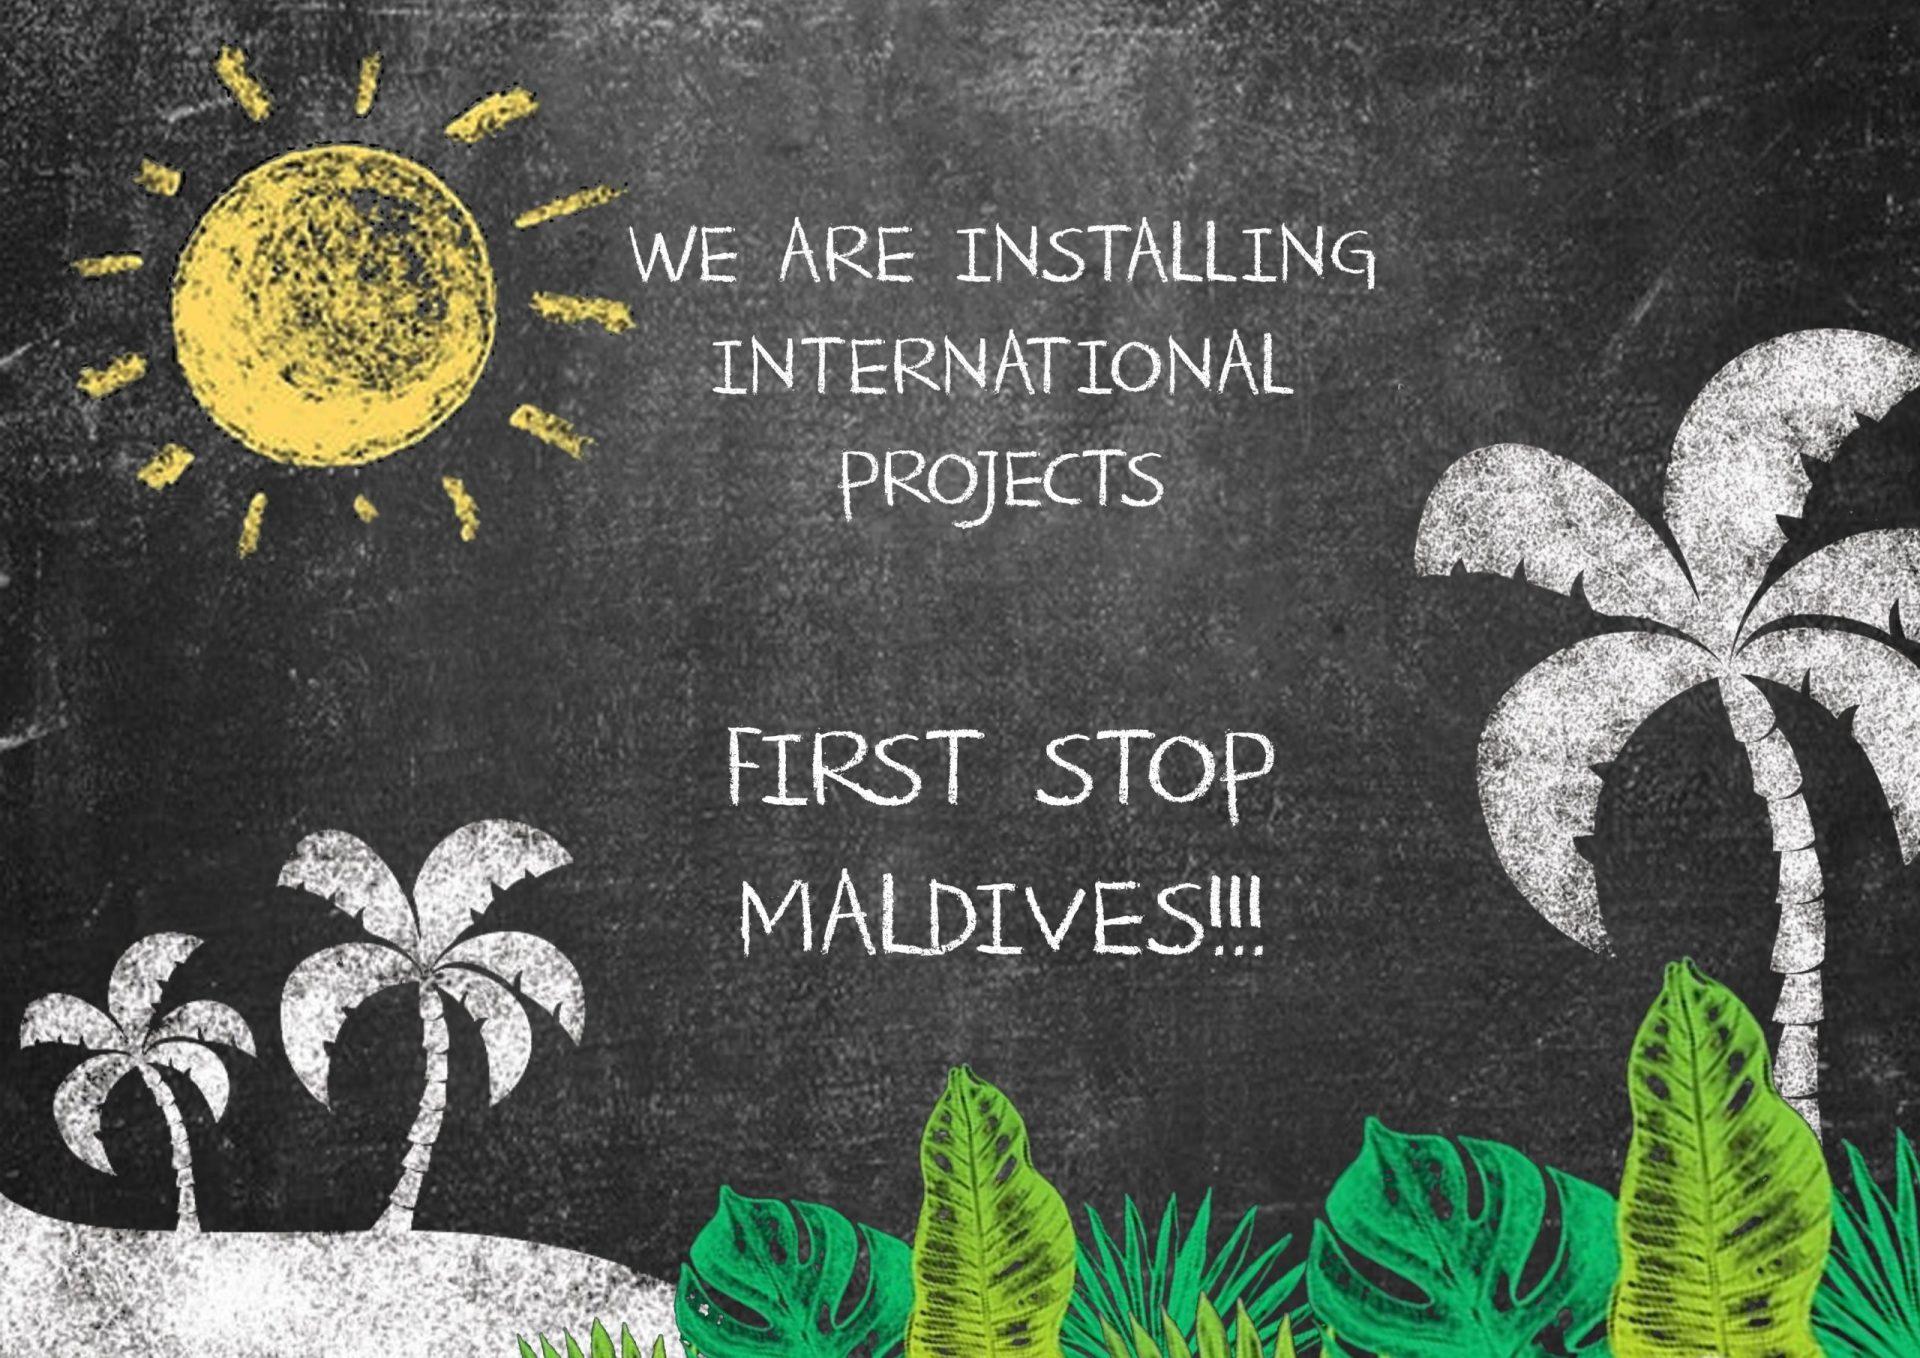 maldives playground equipment